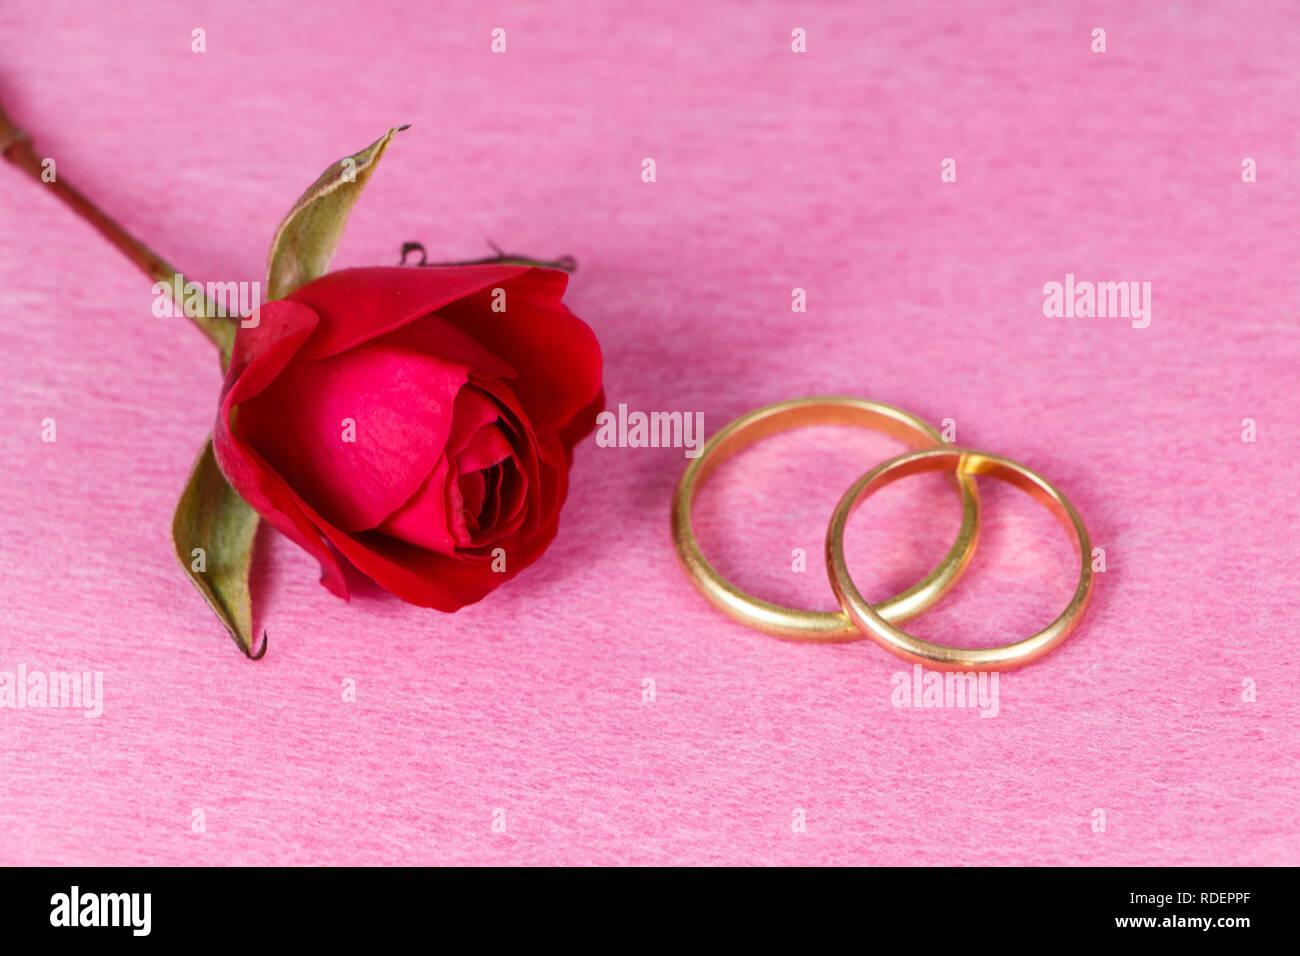 5a1eb5ba8f74 Dos anillos de boda en oro y rosa roja sobre un fondo de color rosa Imagen